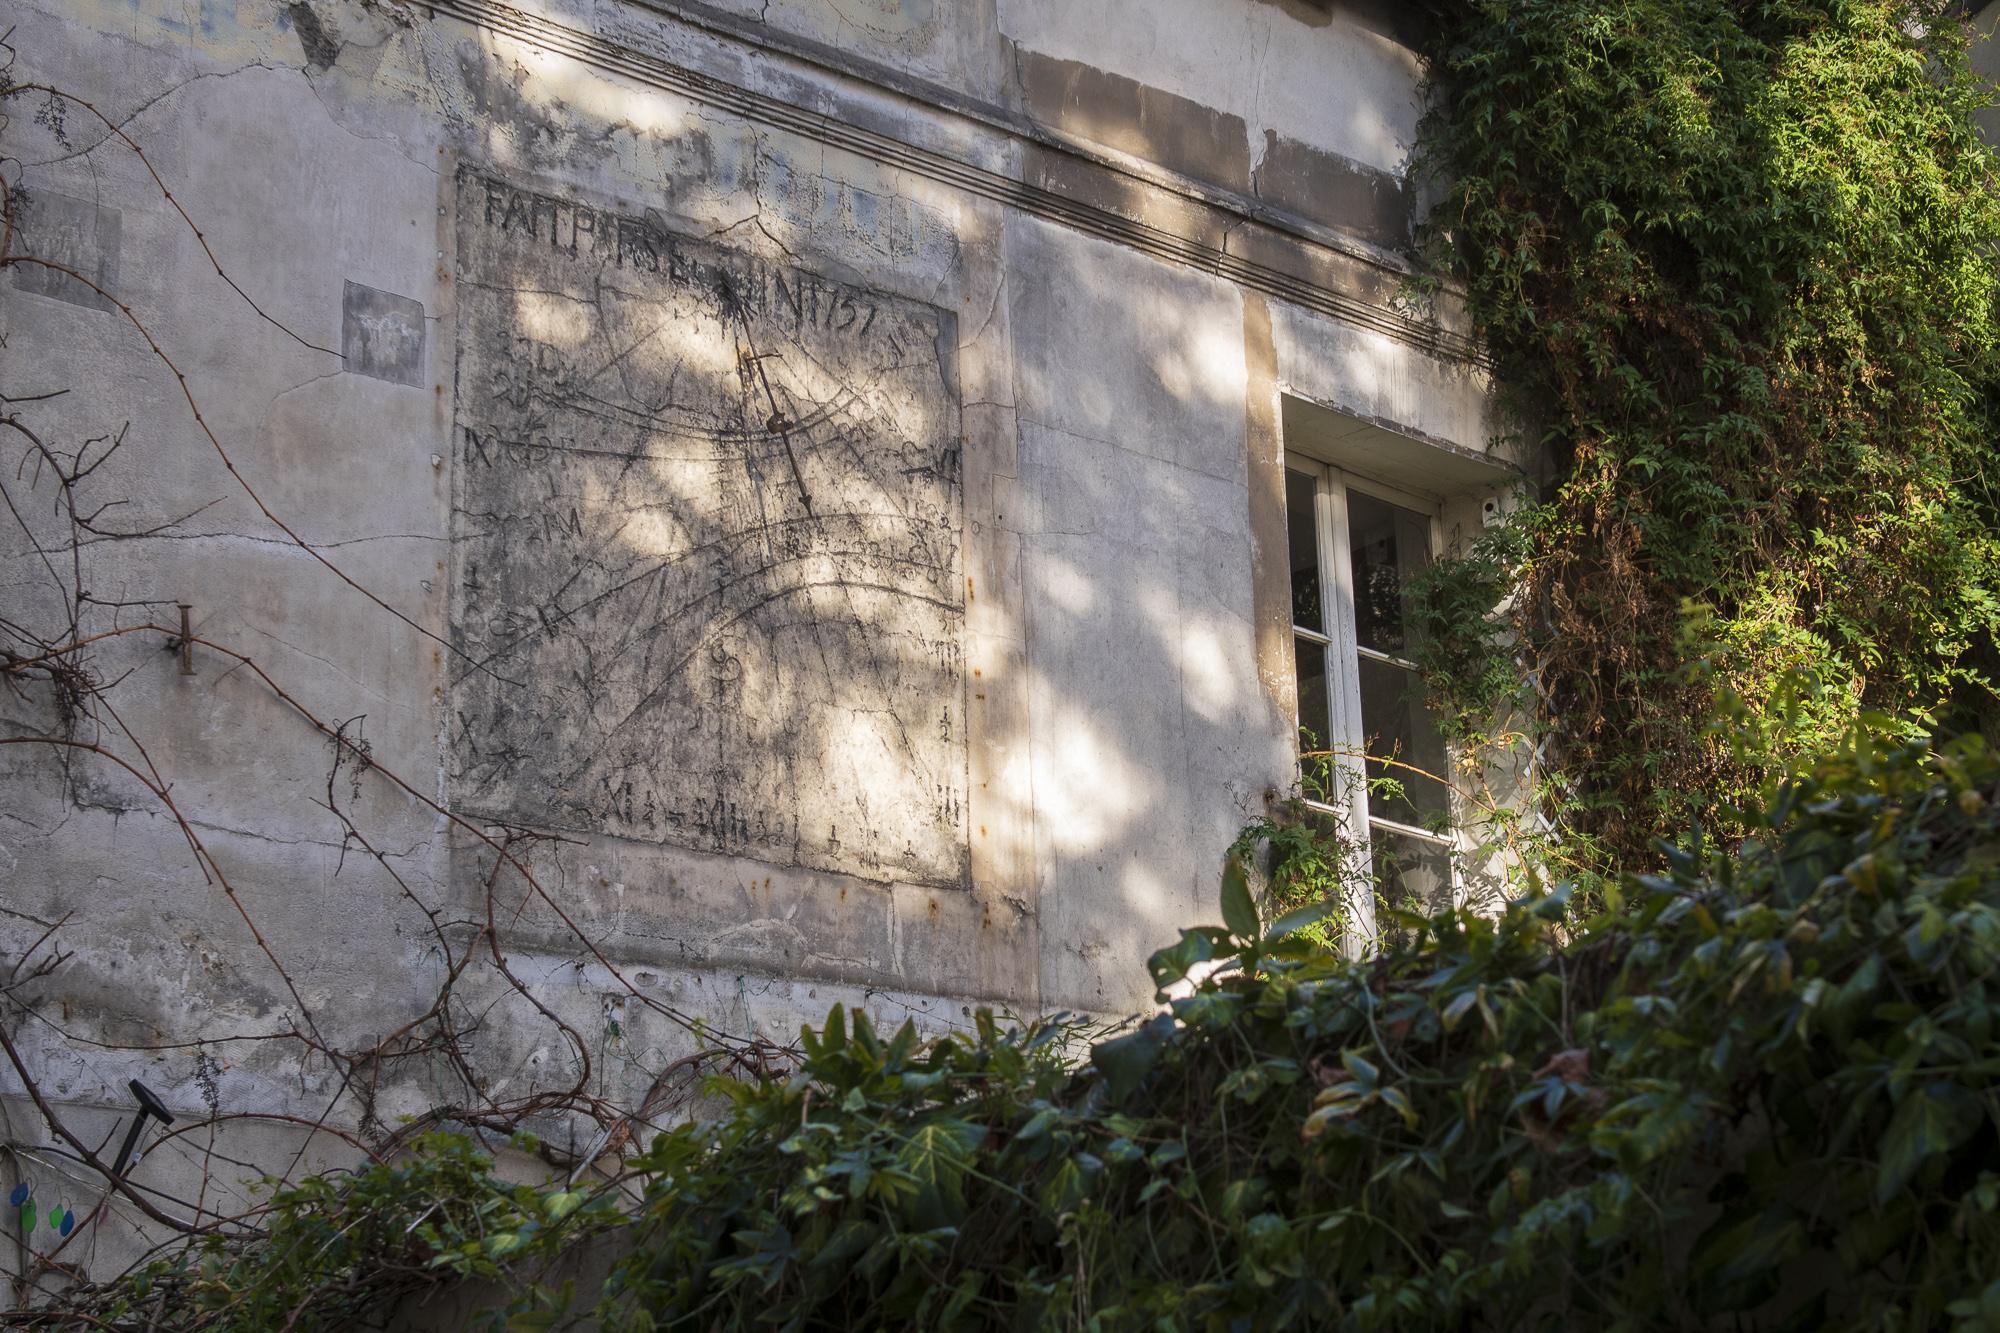 18th Century Sundial - Cour de l'Étoile d'Or  PHOTOGRAPHY: ALEXANDER J.E. BRADLEY • NIKON D500 • AF-S NIKKOR 24-70mm ƒ/2.8G ED @ 40MM • Ƒ/5.6 • 1/125 • ISO 200